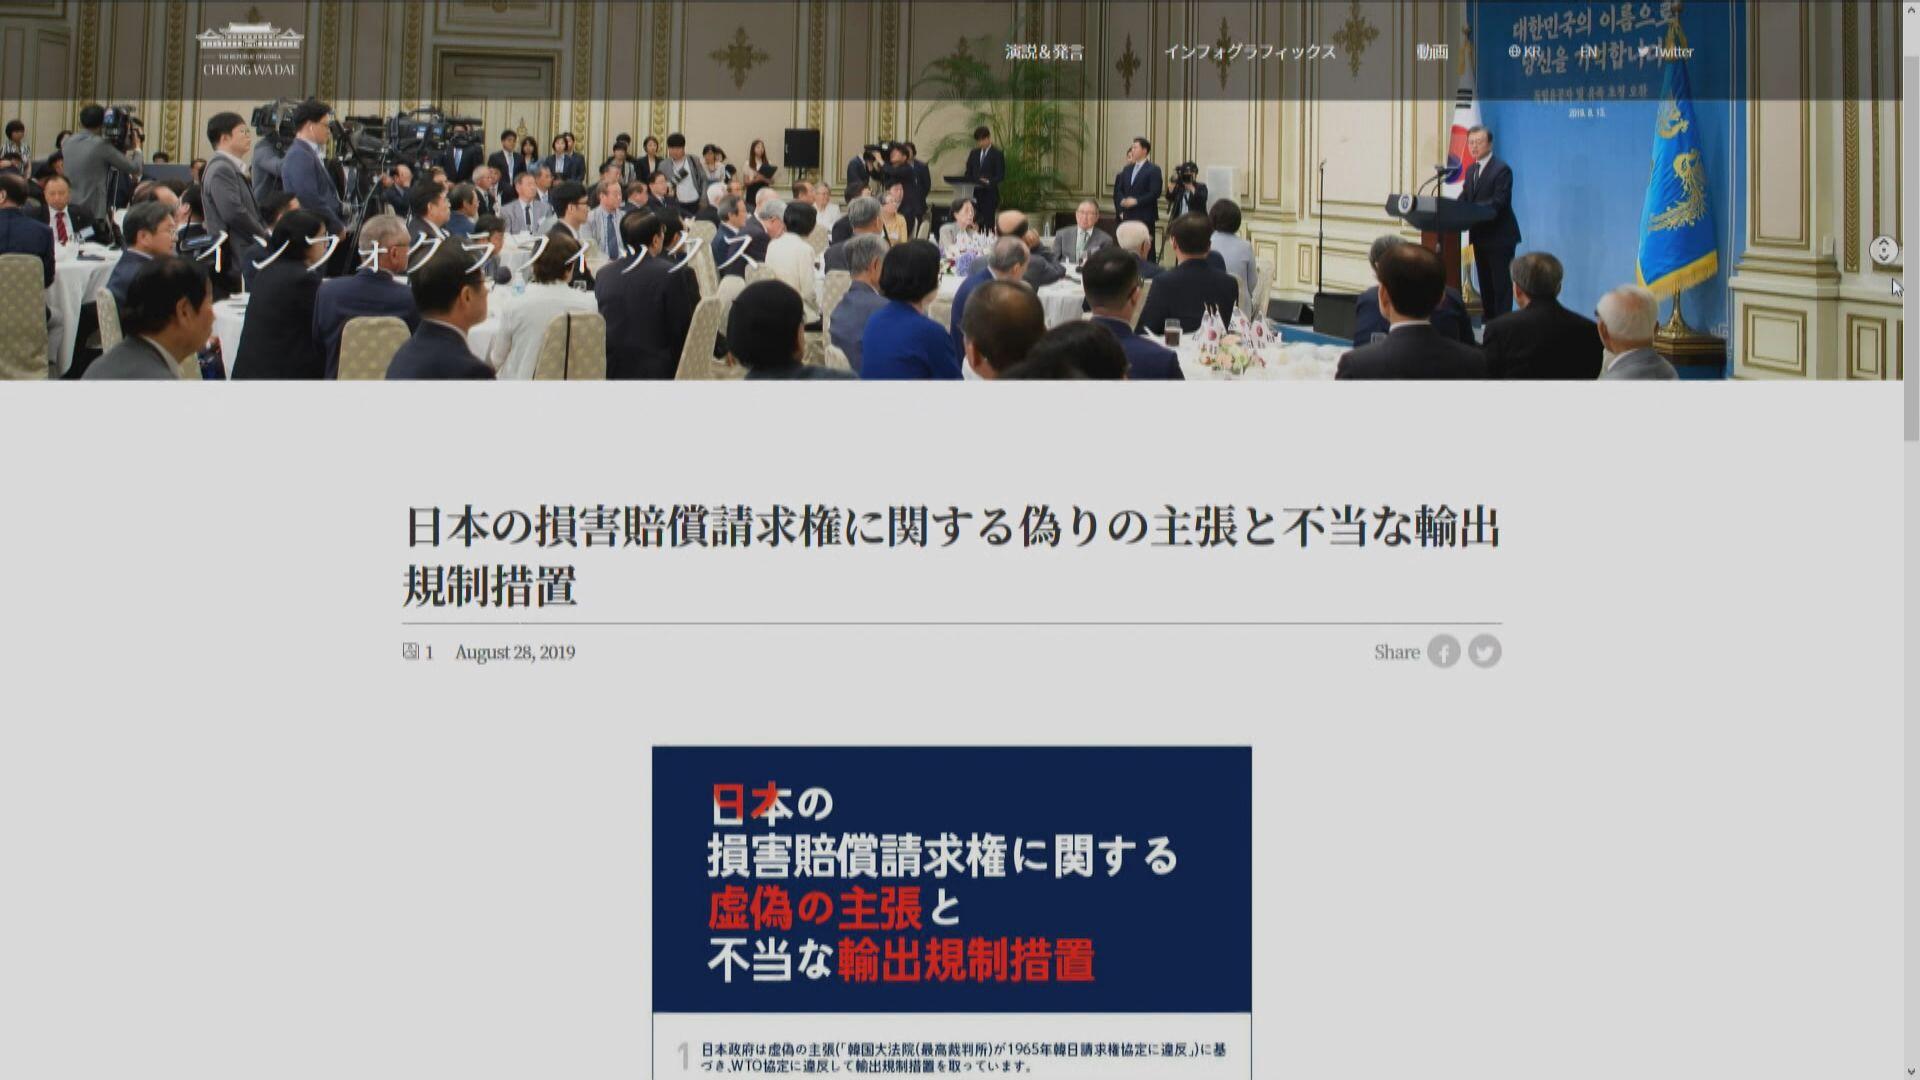 日本外相:會繼續循外交渠道溝通